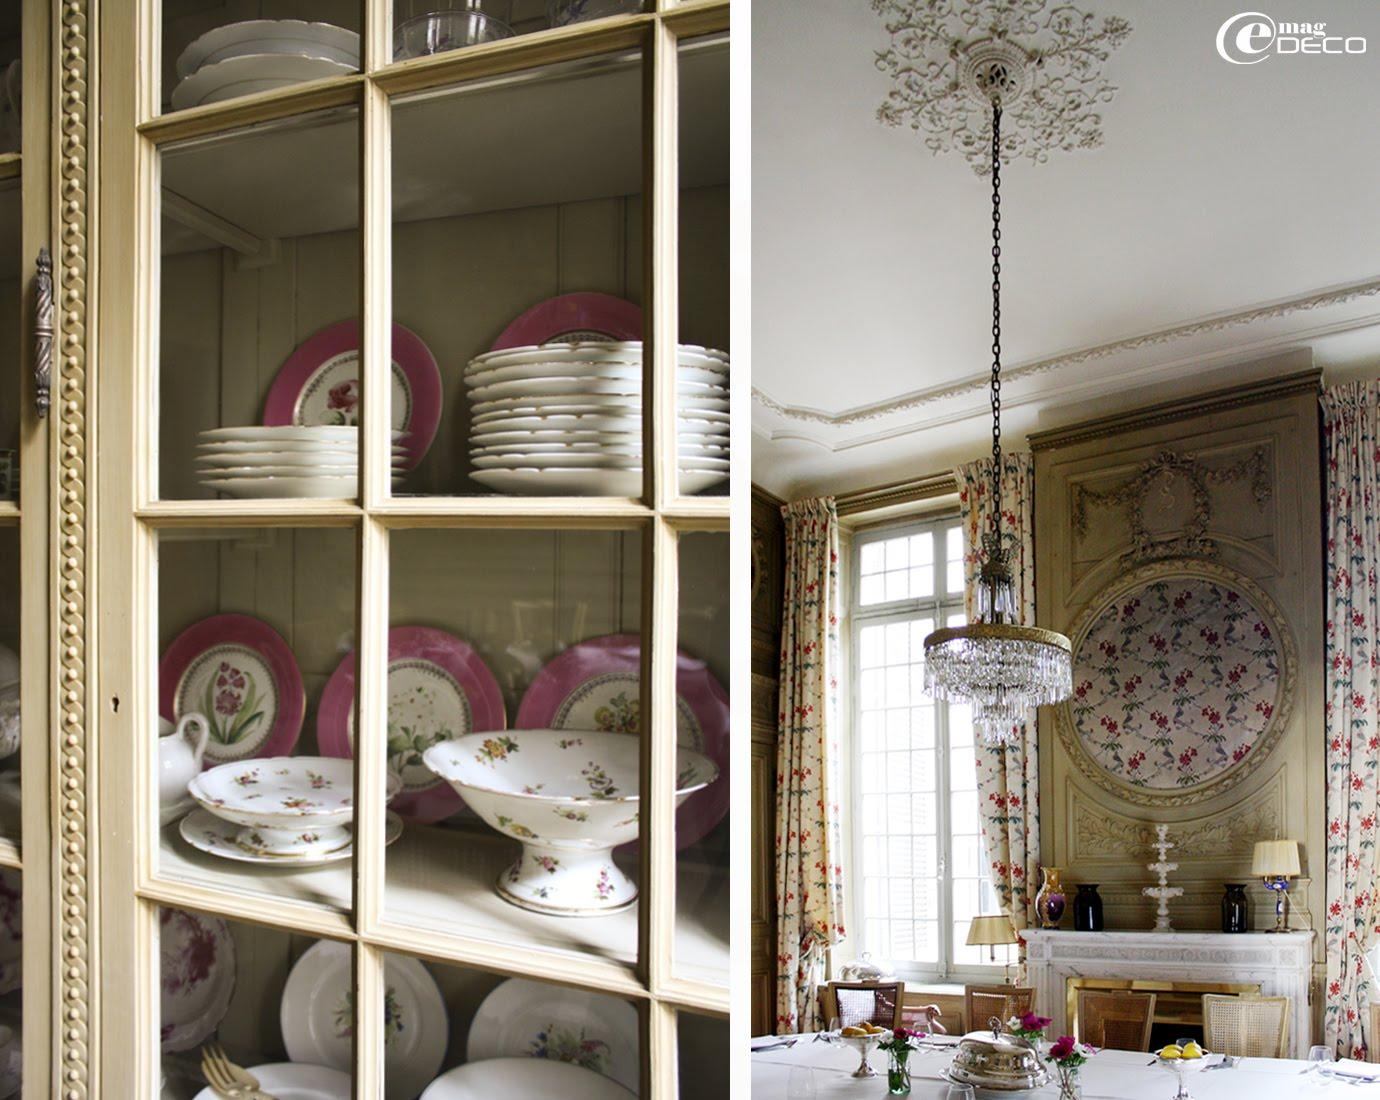 Vaisselier accueillant une collection de porcelaines fines chinée dans le salon Napoléon III, Hôtel La Mirande, Avignon